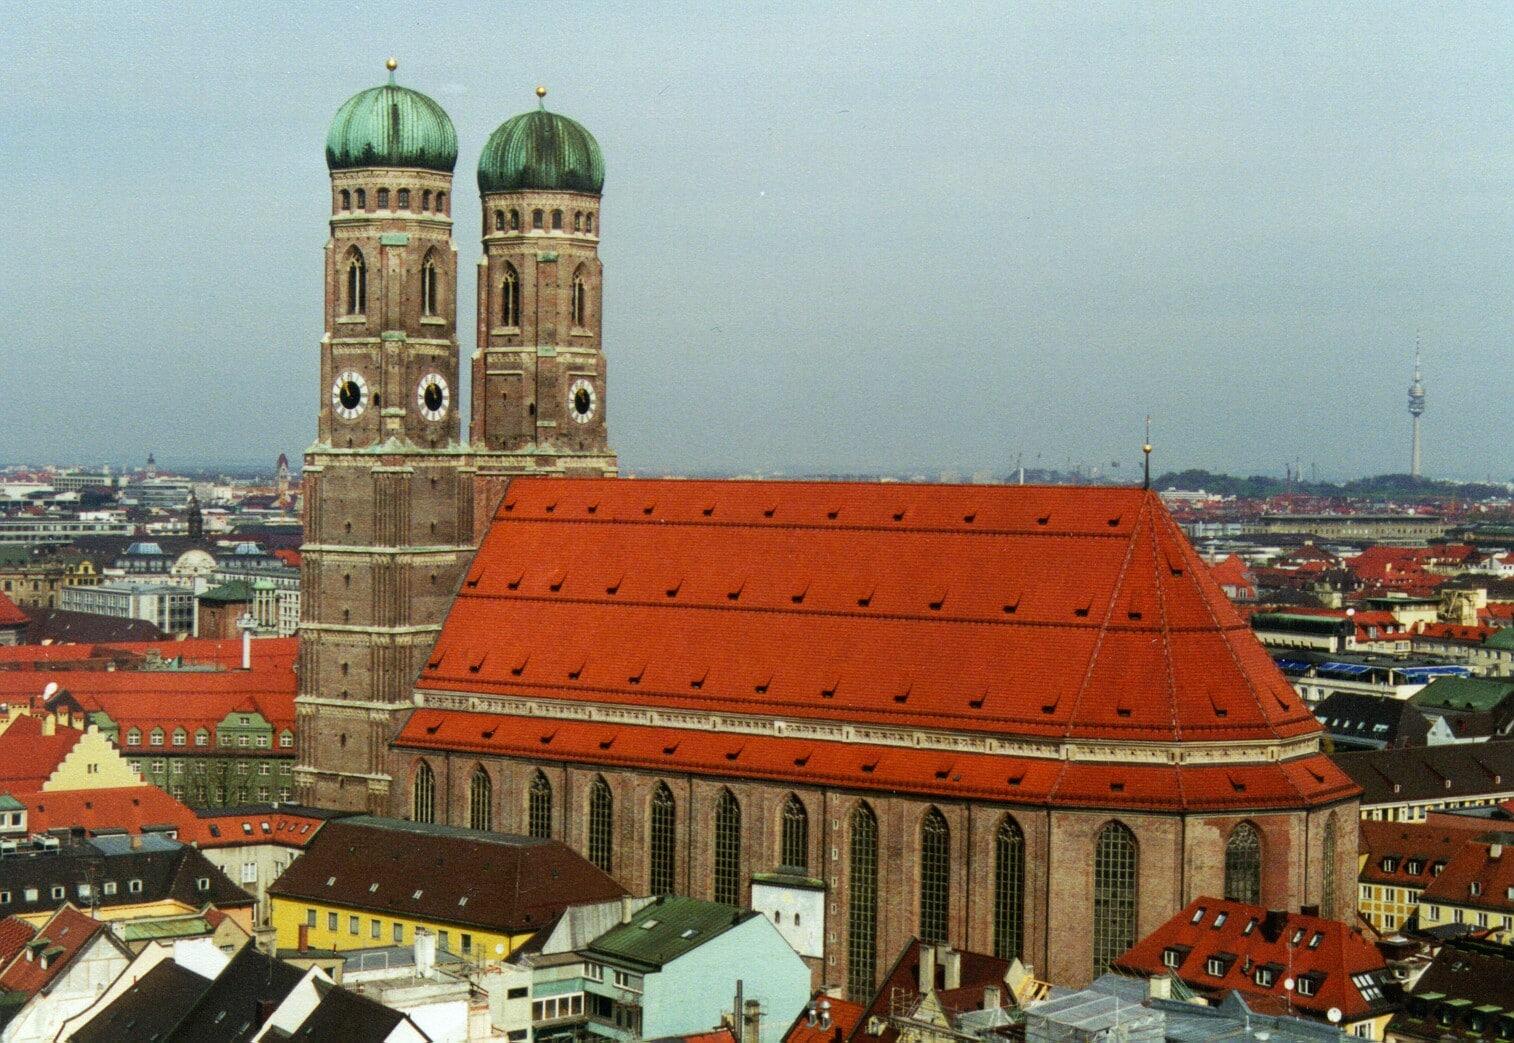 Fraeunkirche sau Biserica Maicii Domnului este Catedrala din Munchen și simbolul orașului